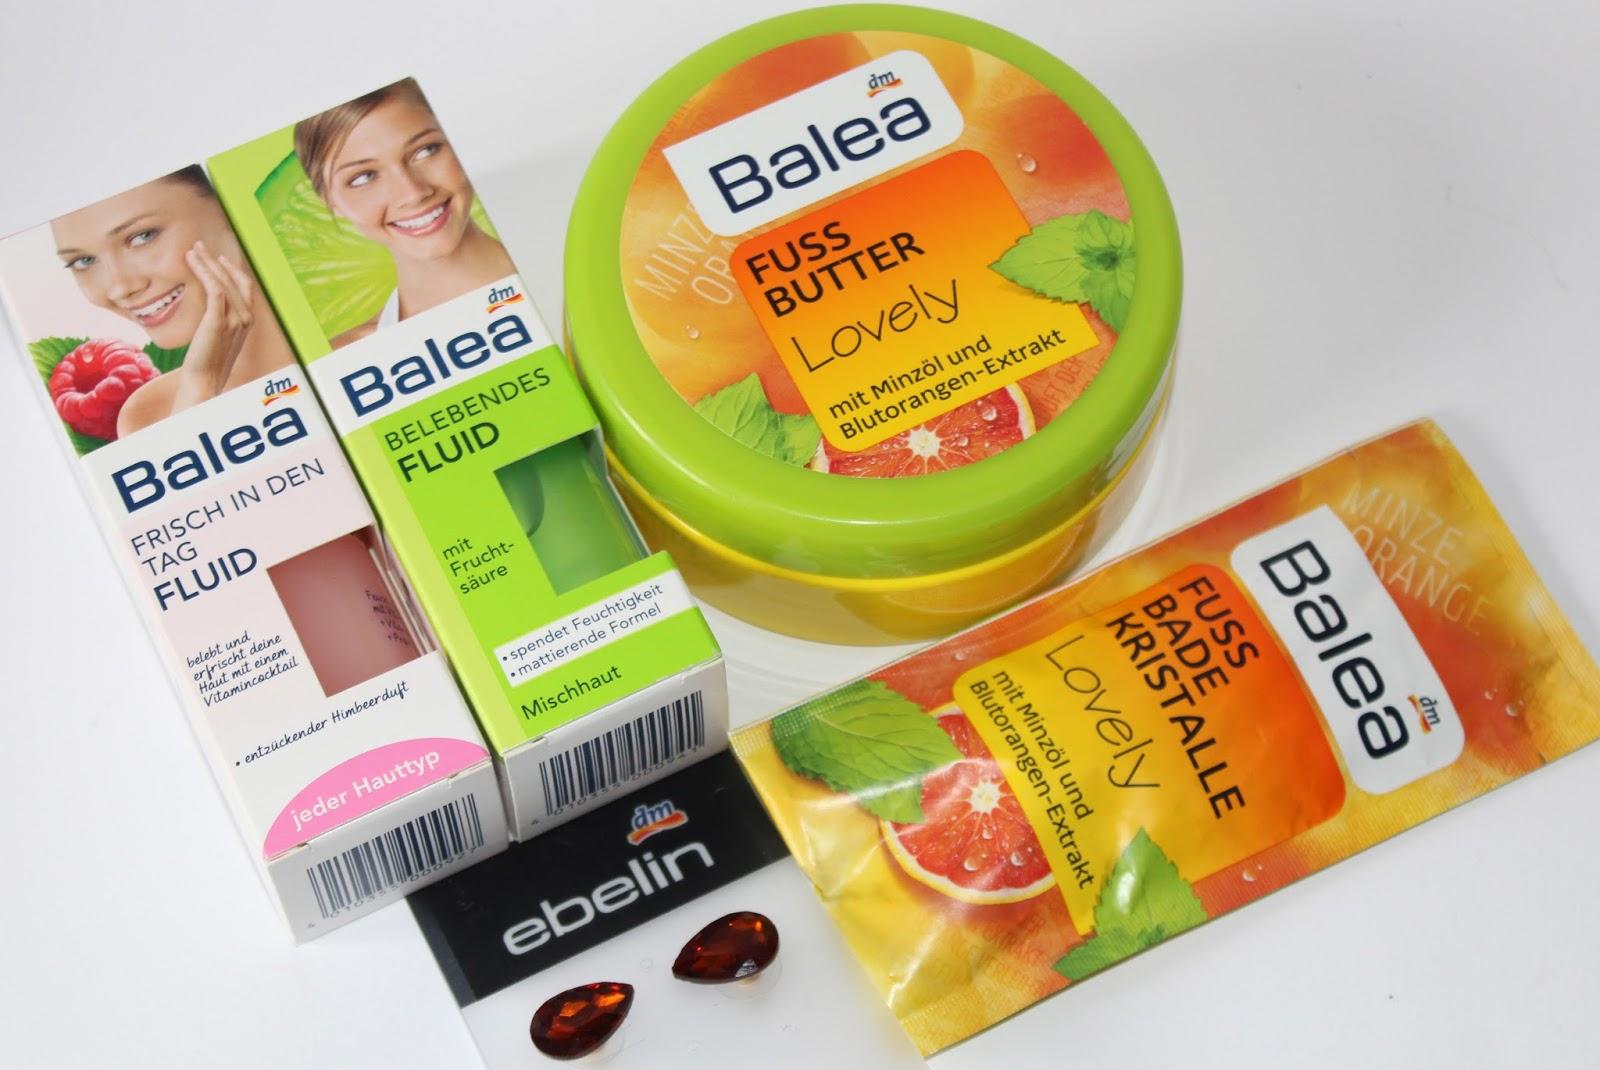 DM #8 - Balea fluidi (za sve tipove kože i za mješovitu kožu), maslac i kristal-kupka za stopala